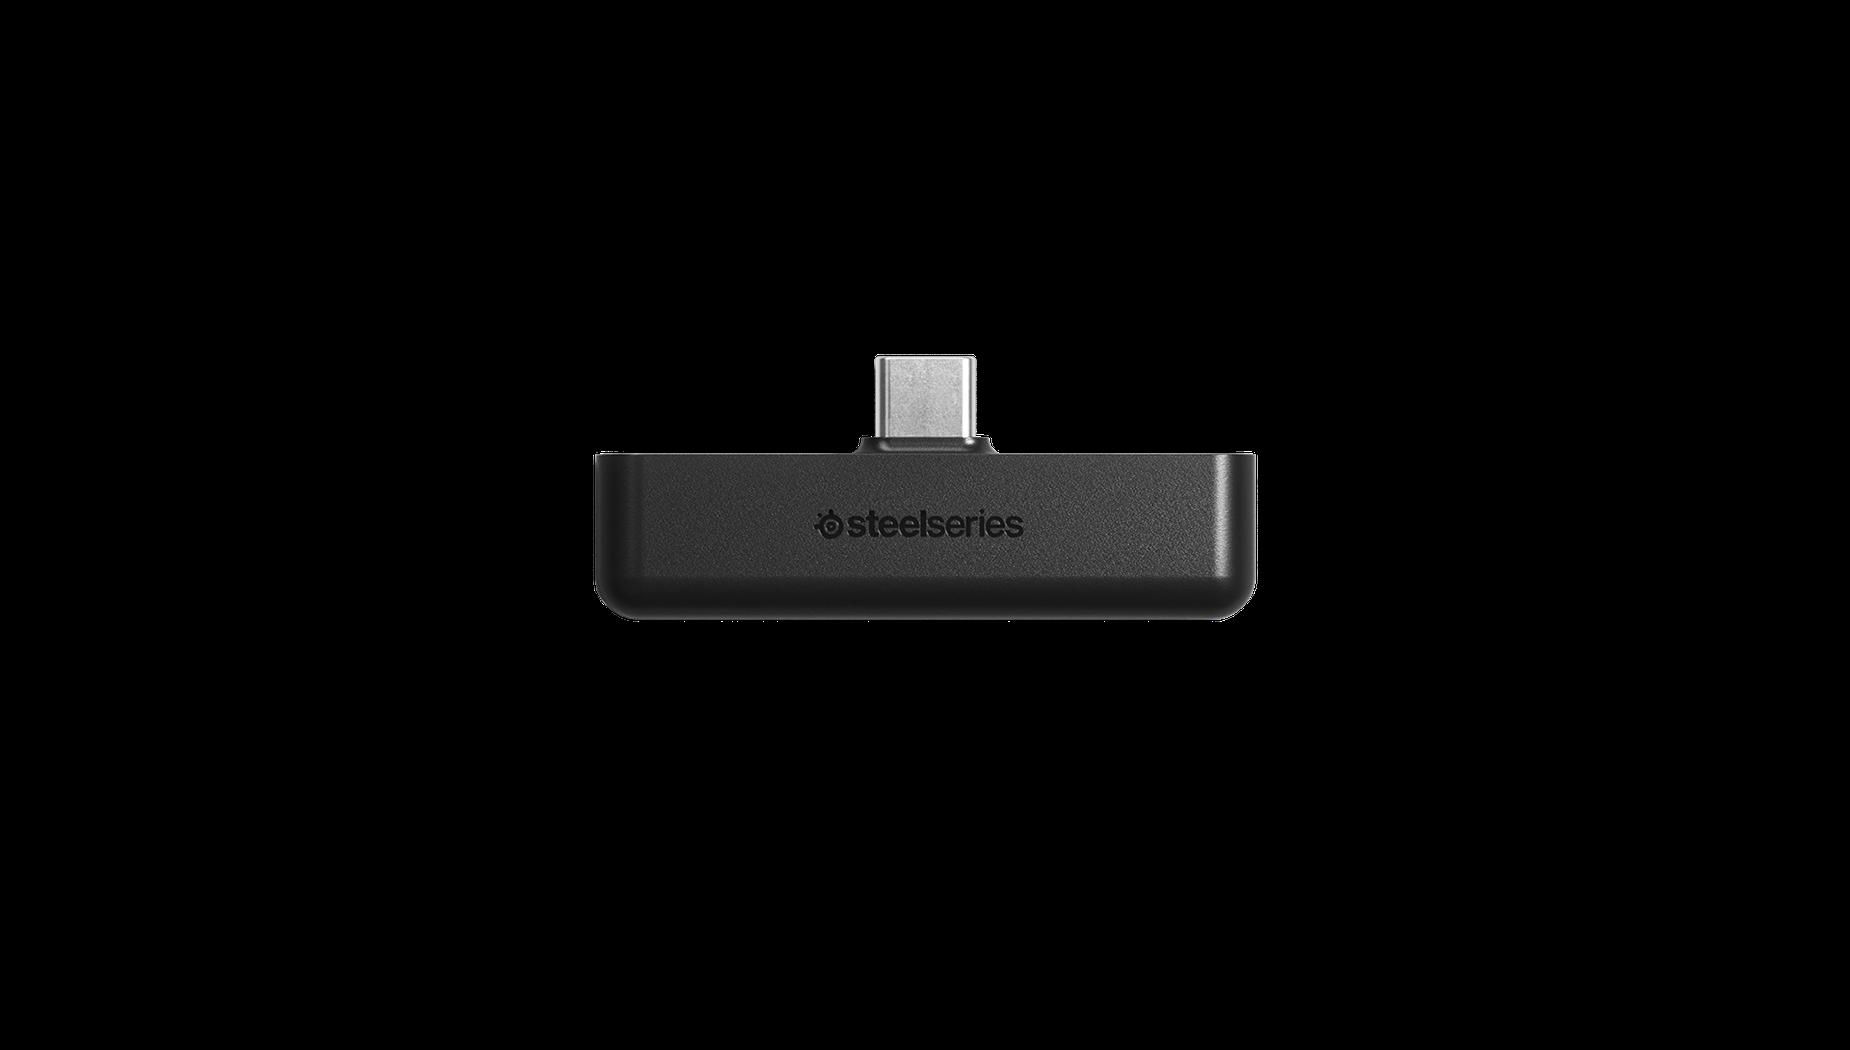 ワイヤレス接続用USBタイプCドングル